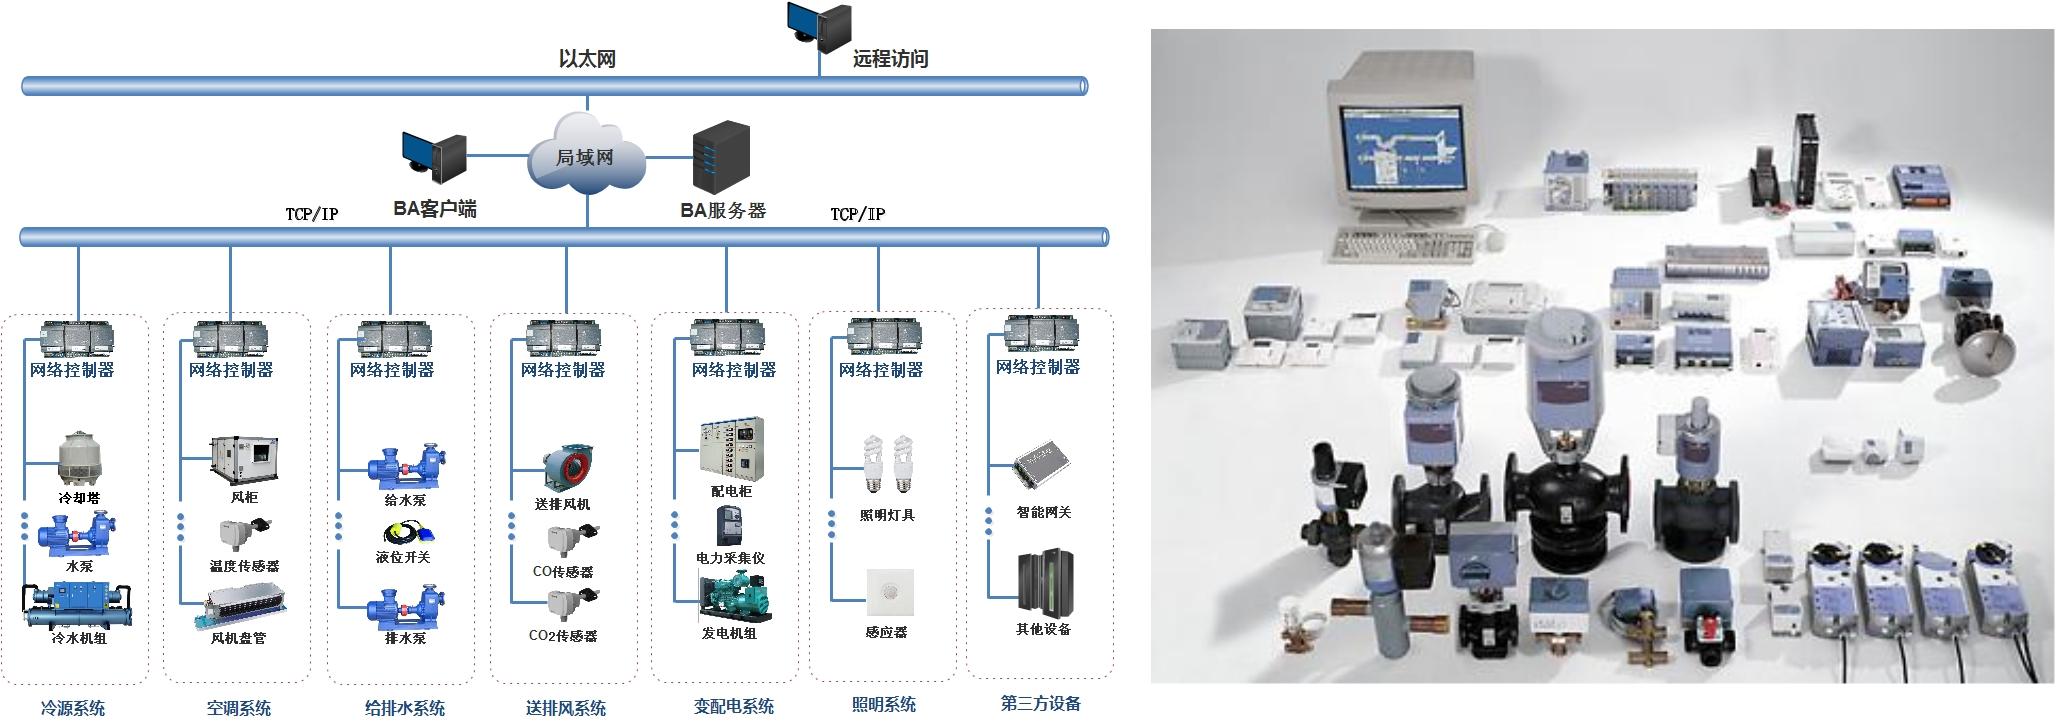 楼宇自控系统 - 建筑智能化系统集成图片